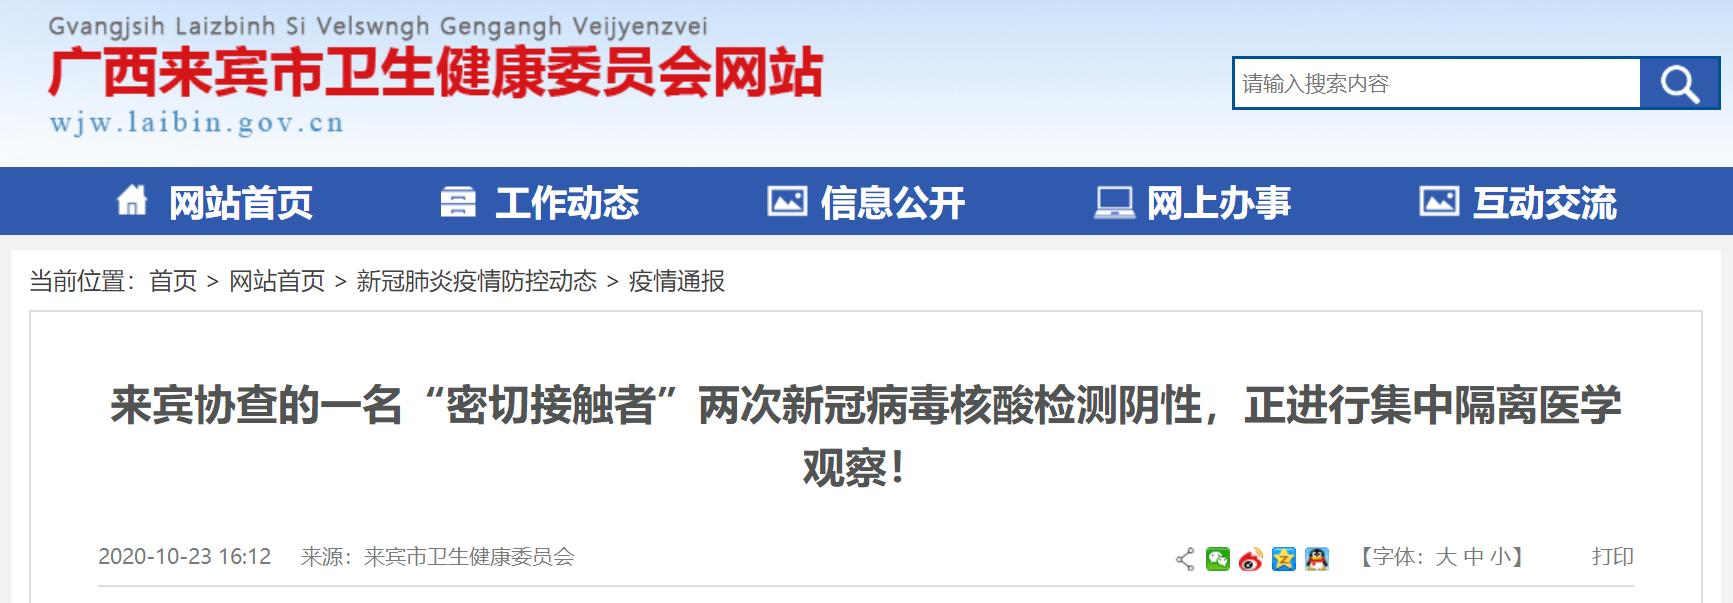 """广西来宾协查的一名""""密切接触者""""两次新冠病毒核酸检测均为阴性"""